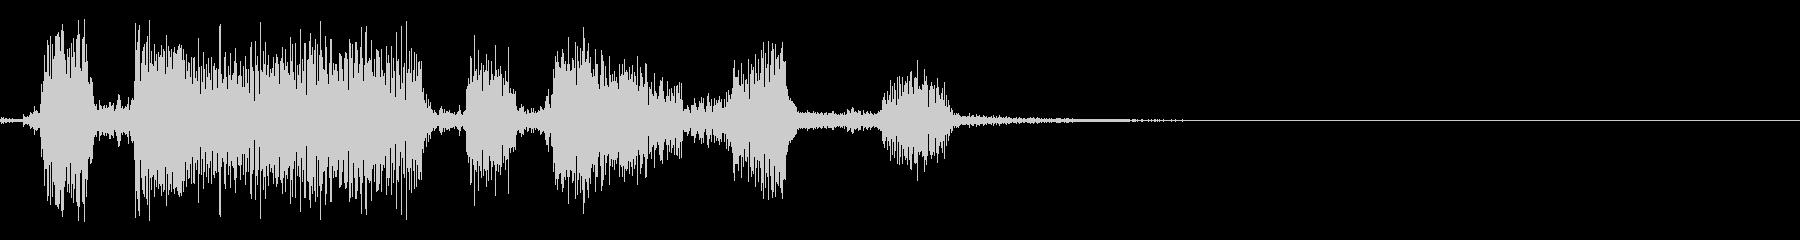 ロボット メイド「おはようございます!」の未再生の波形